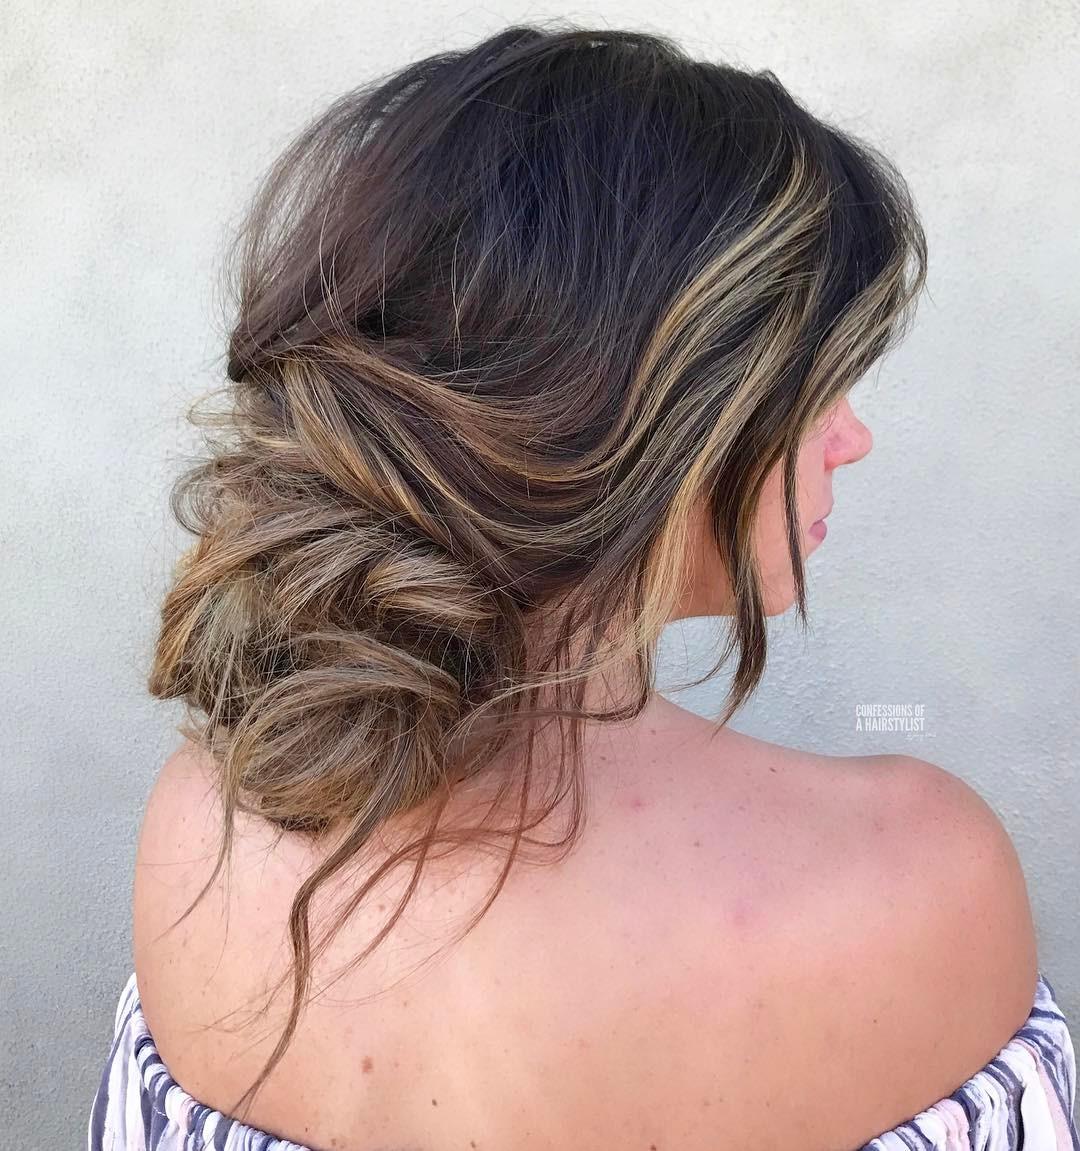 длинные волосы с косой челкой фото 11